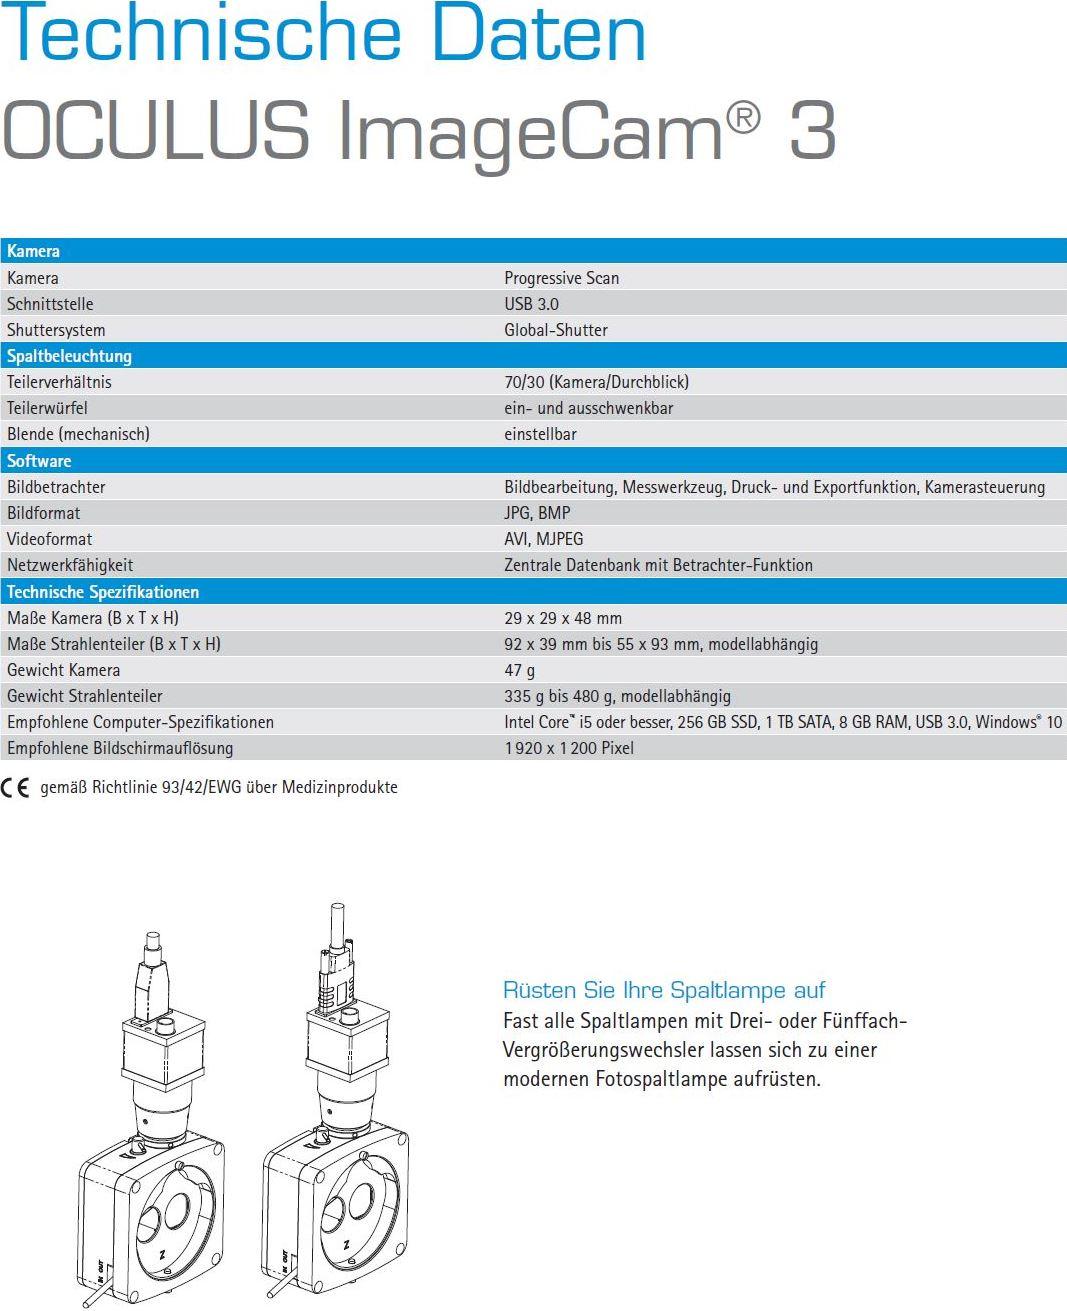 Technische Daten ImageCam 3.JPG (178 KB)